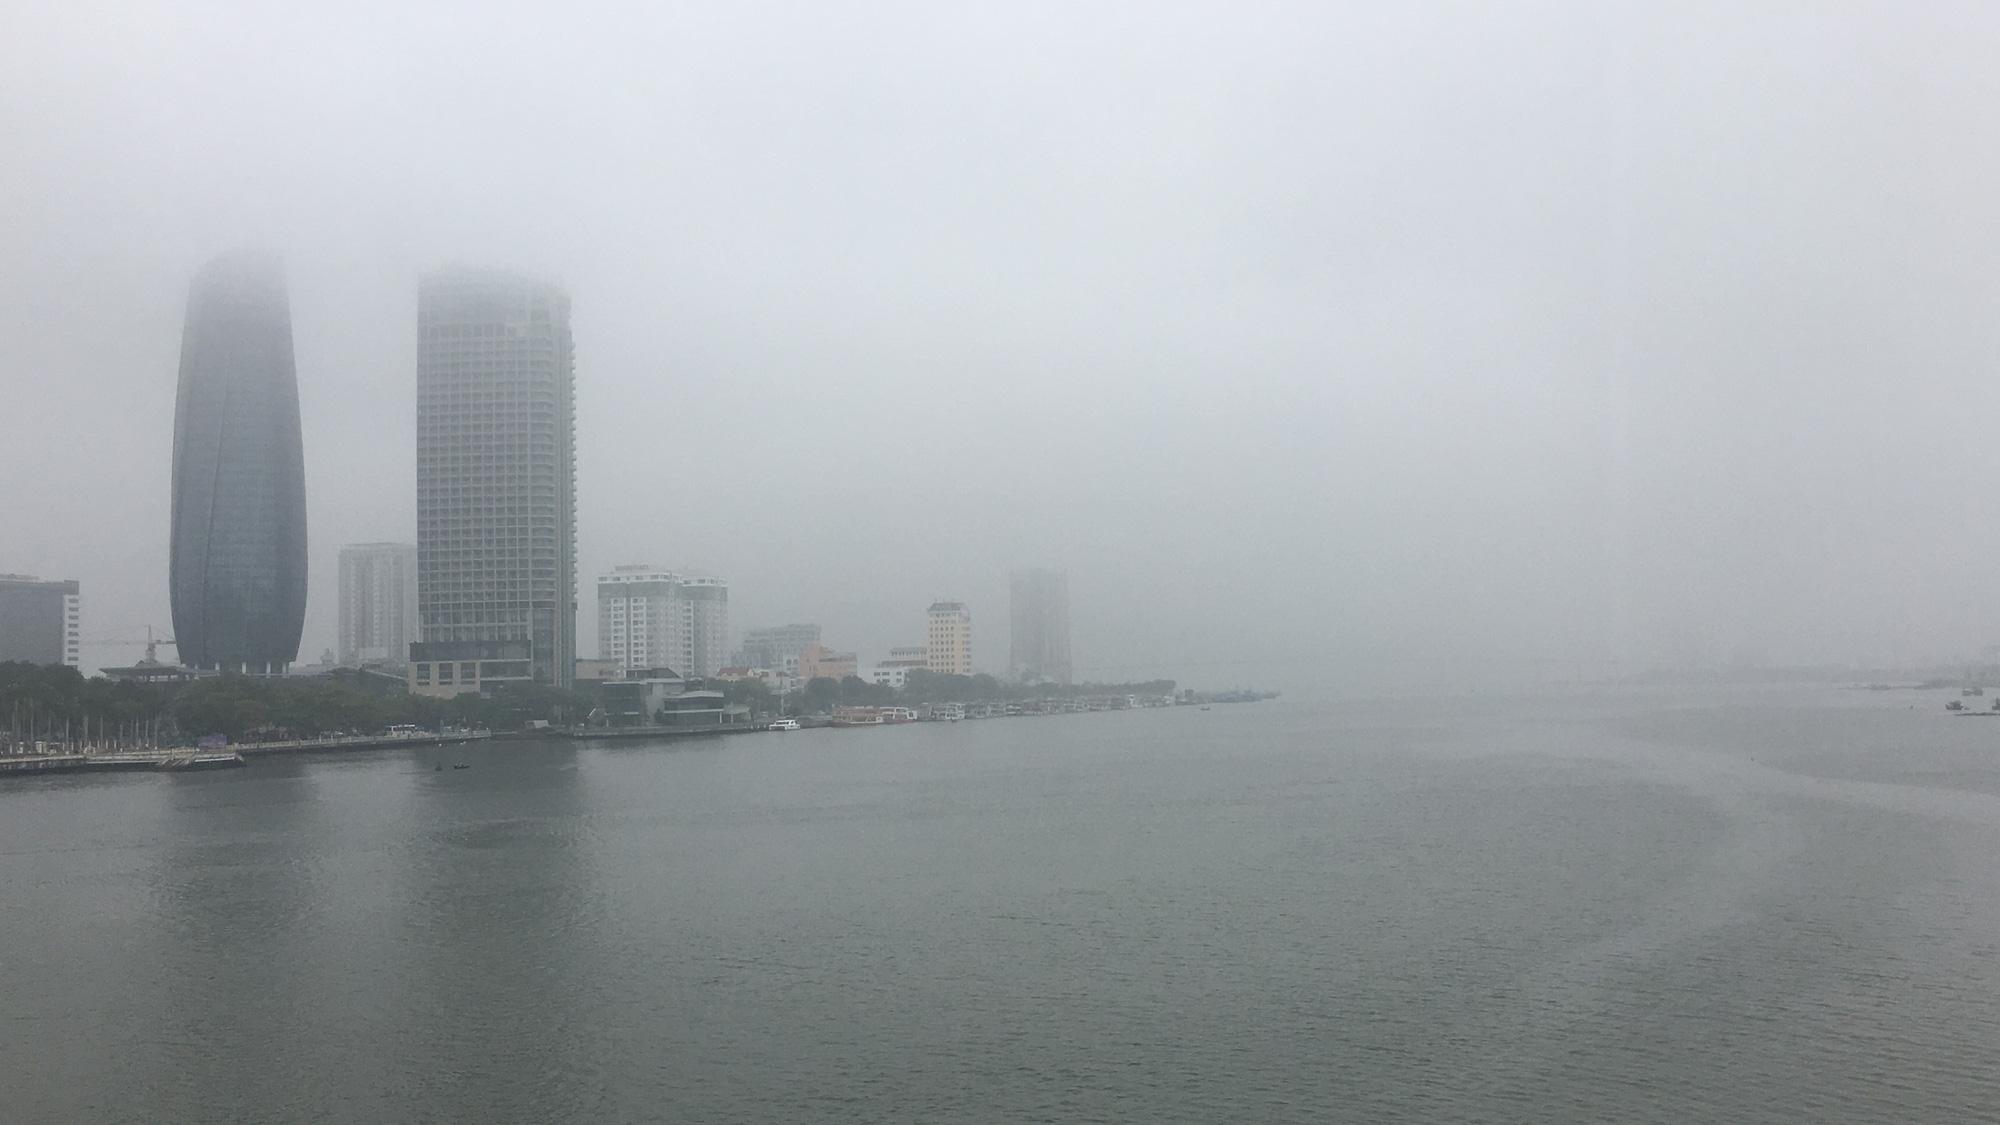 Đà Nẵng chìm trong sương mù dày đặc dù đã gần 9 giờ sáng - Ảnh 1.